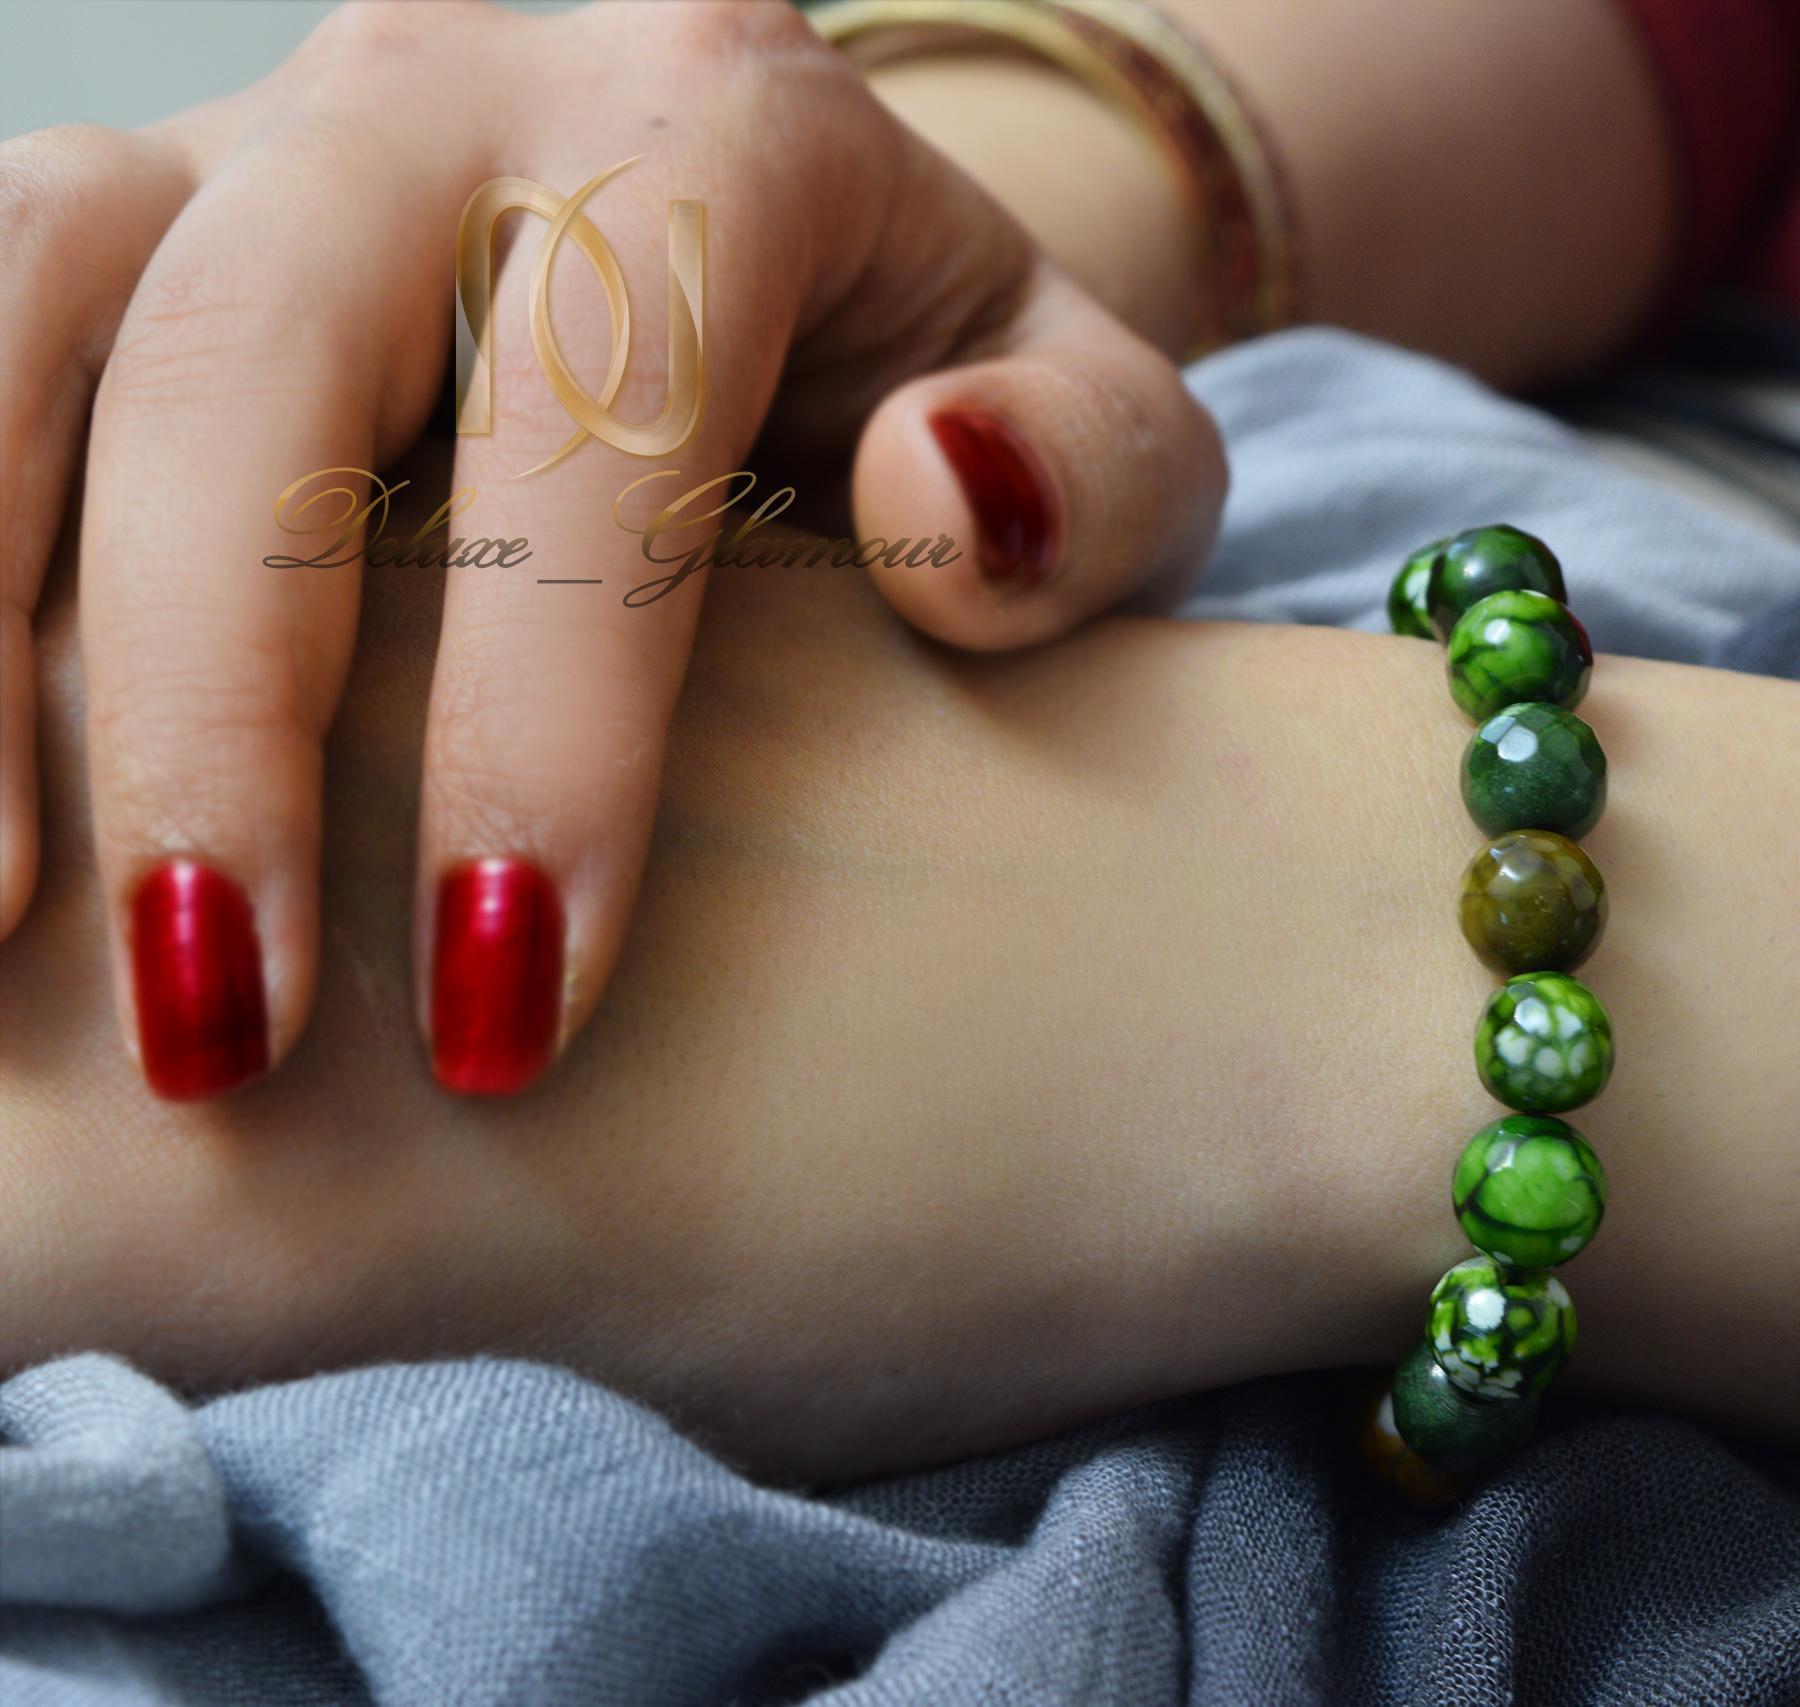 دستبند سنگی سبز عقیق دخترانه با قفل کراواتی ds-n012- عکس روی دست